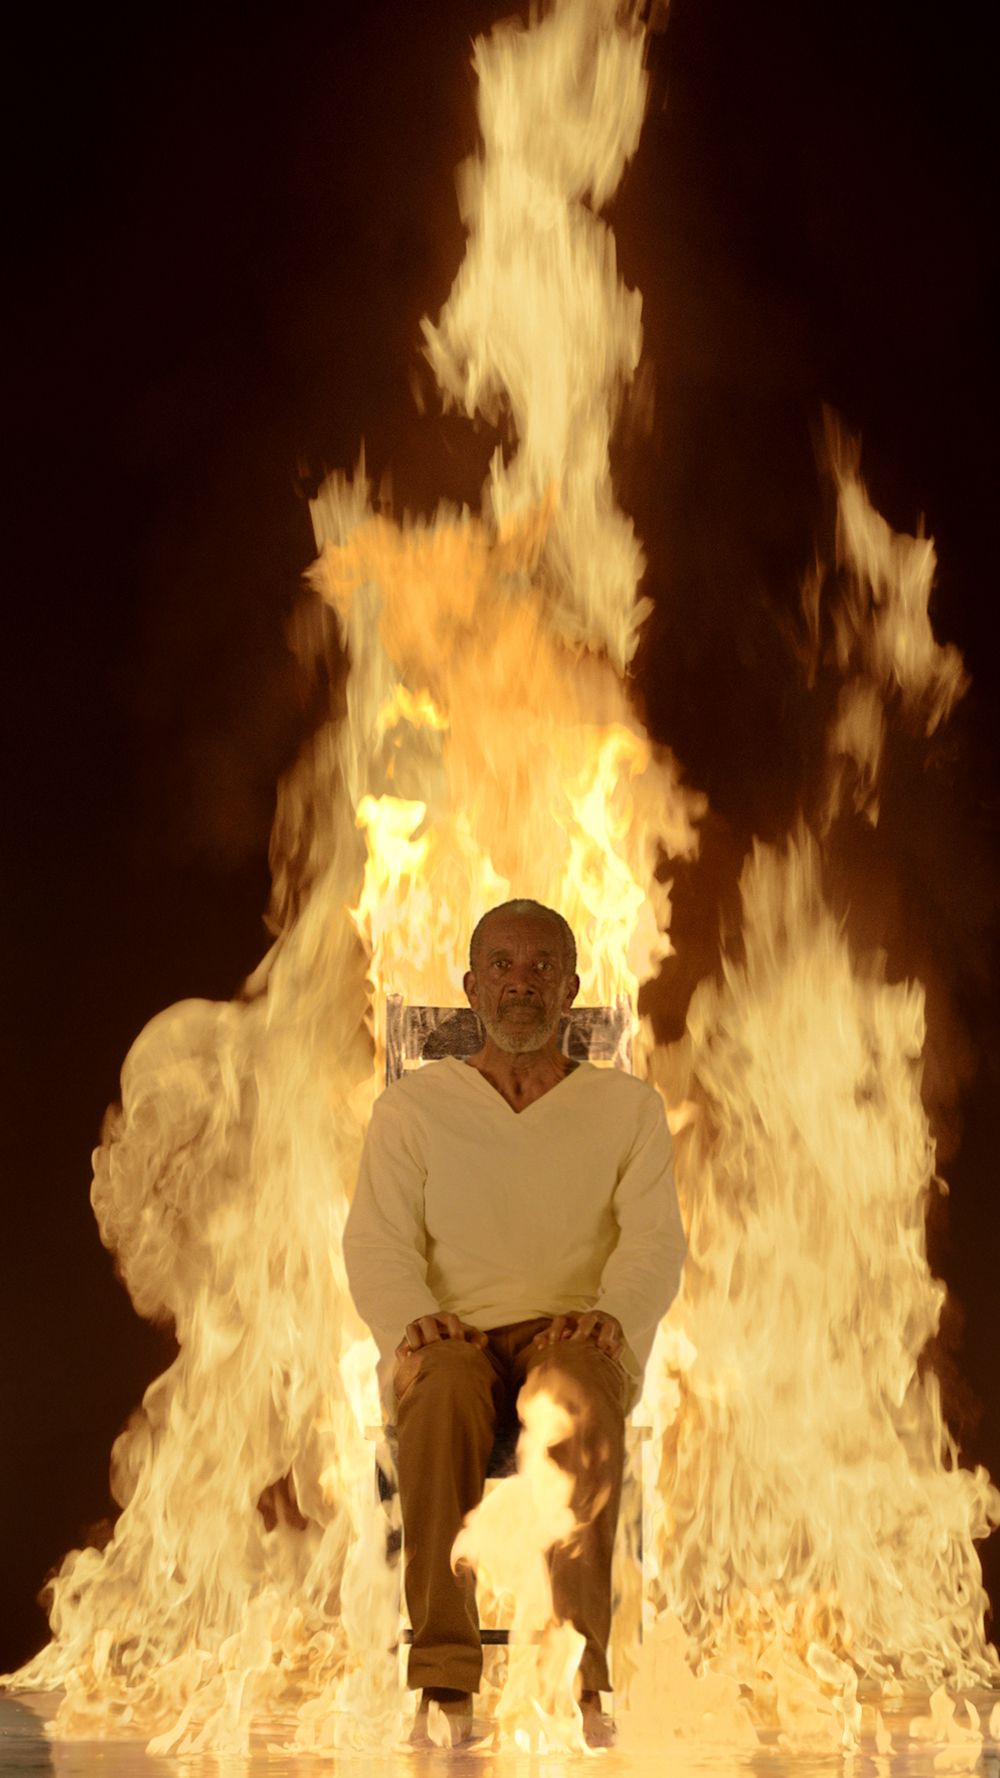 Martyrs Fire, foto di Bill Viola Works ©️2021 Bill Viola Studio